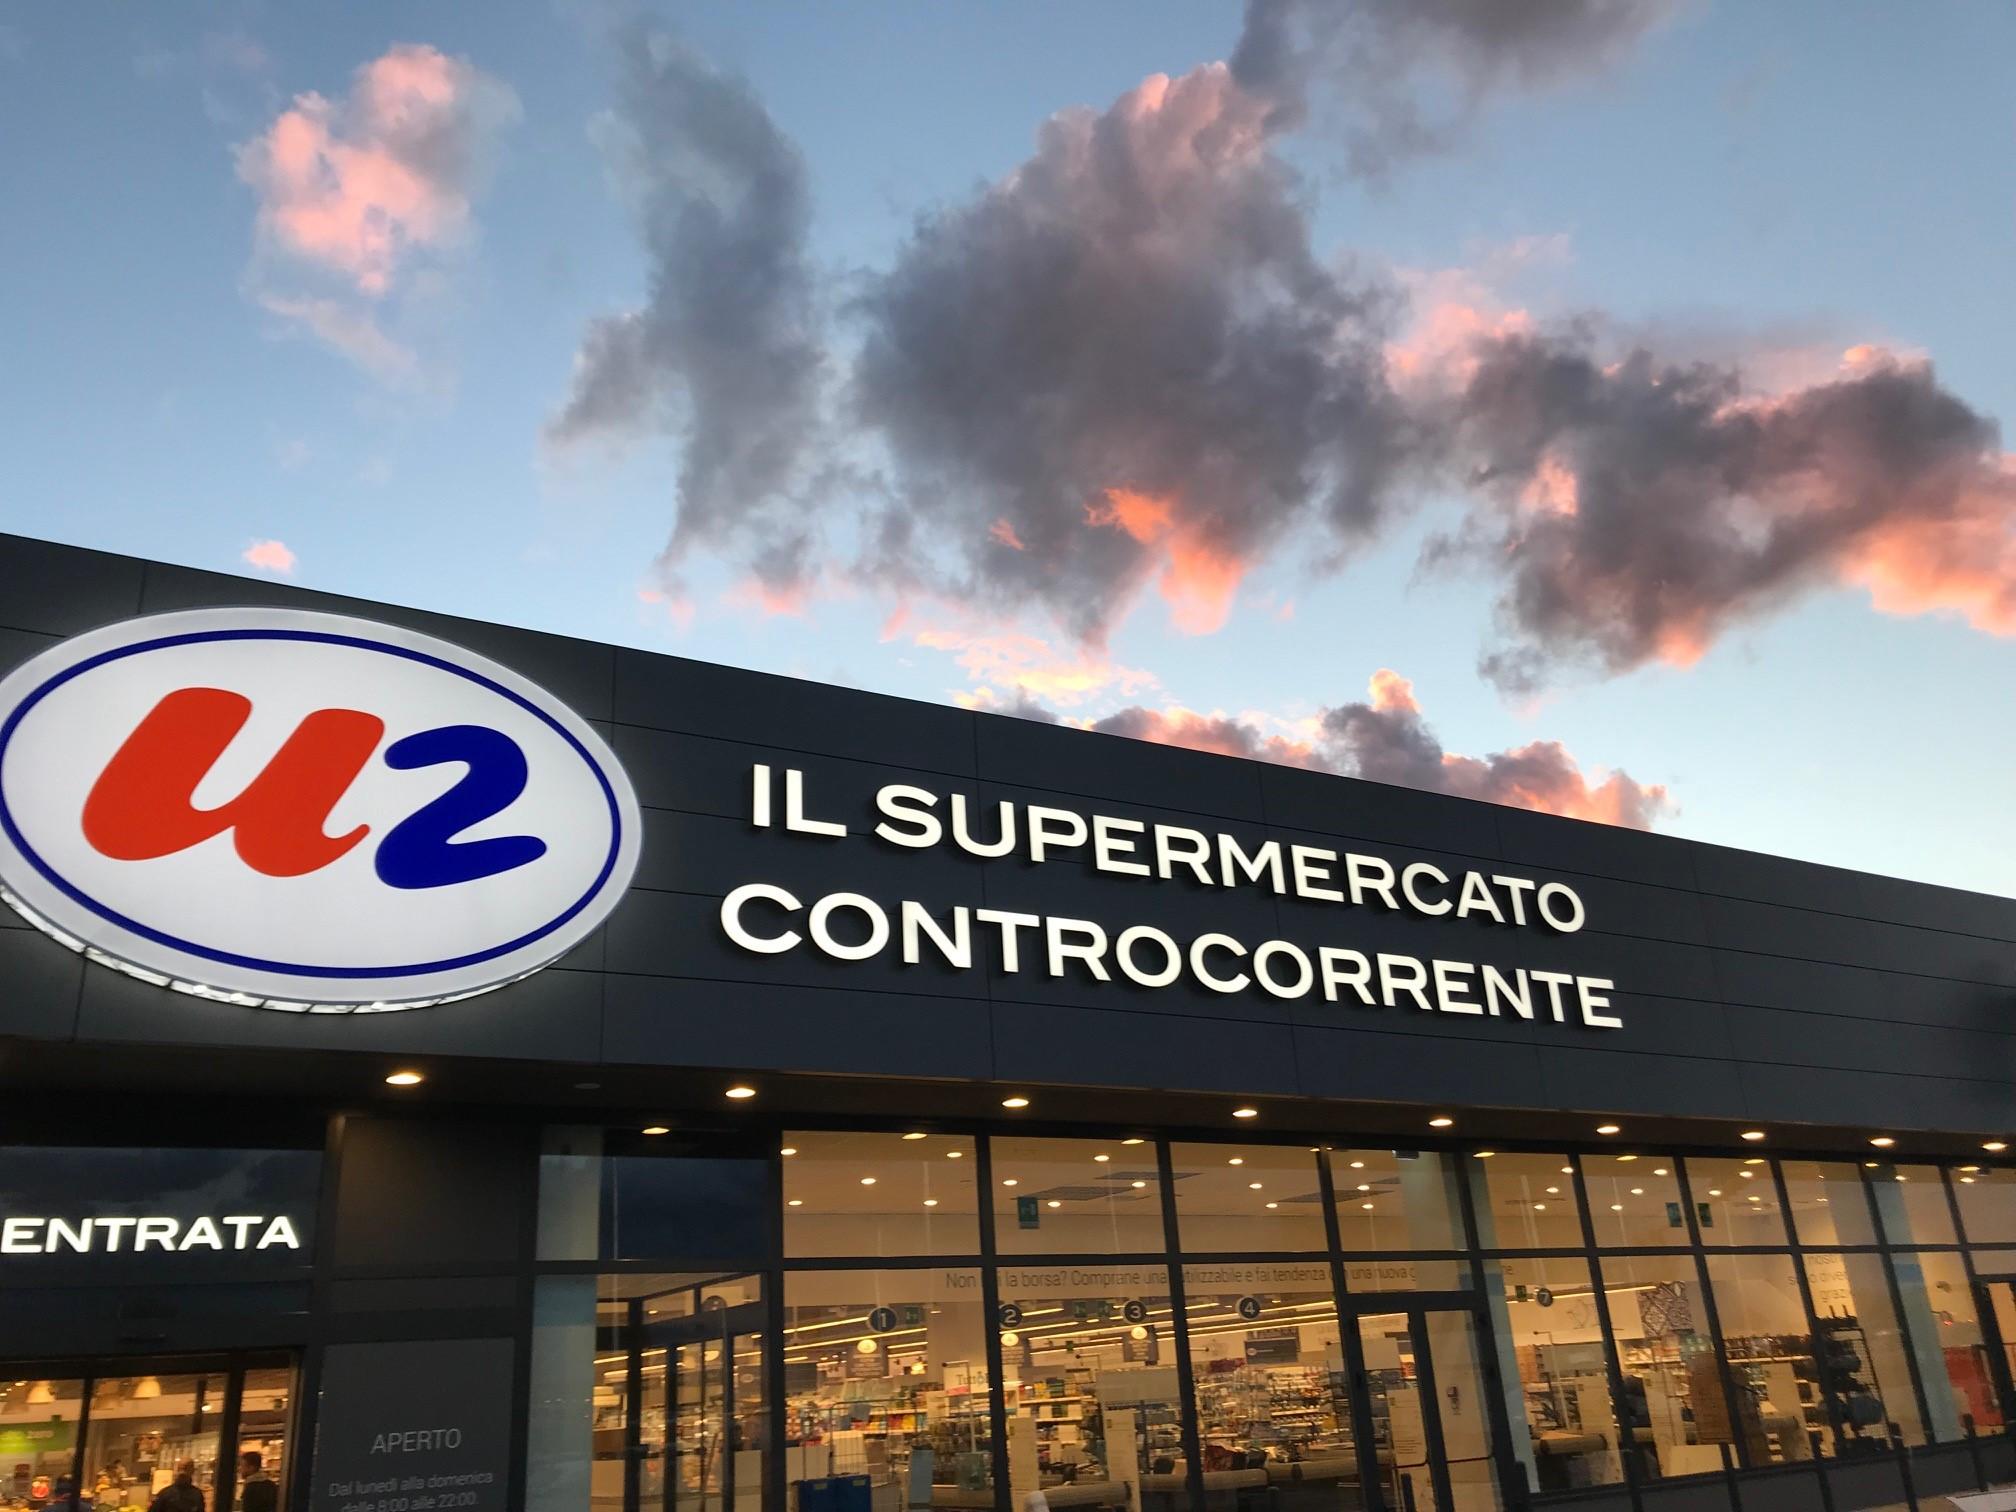 Melismelis firma il ritorno in TV di U2 Supermercato Controcorrente con un nuovo spot